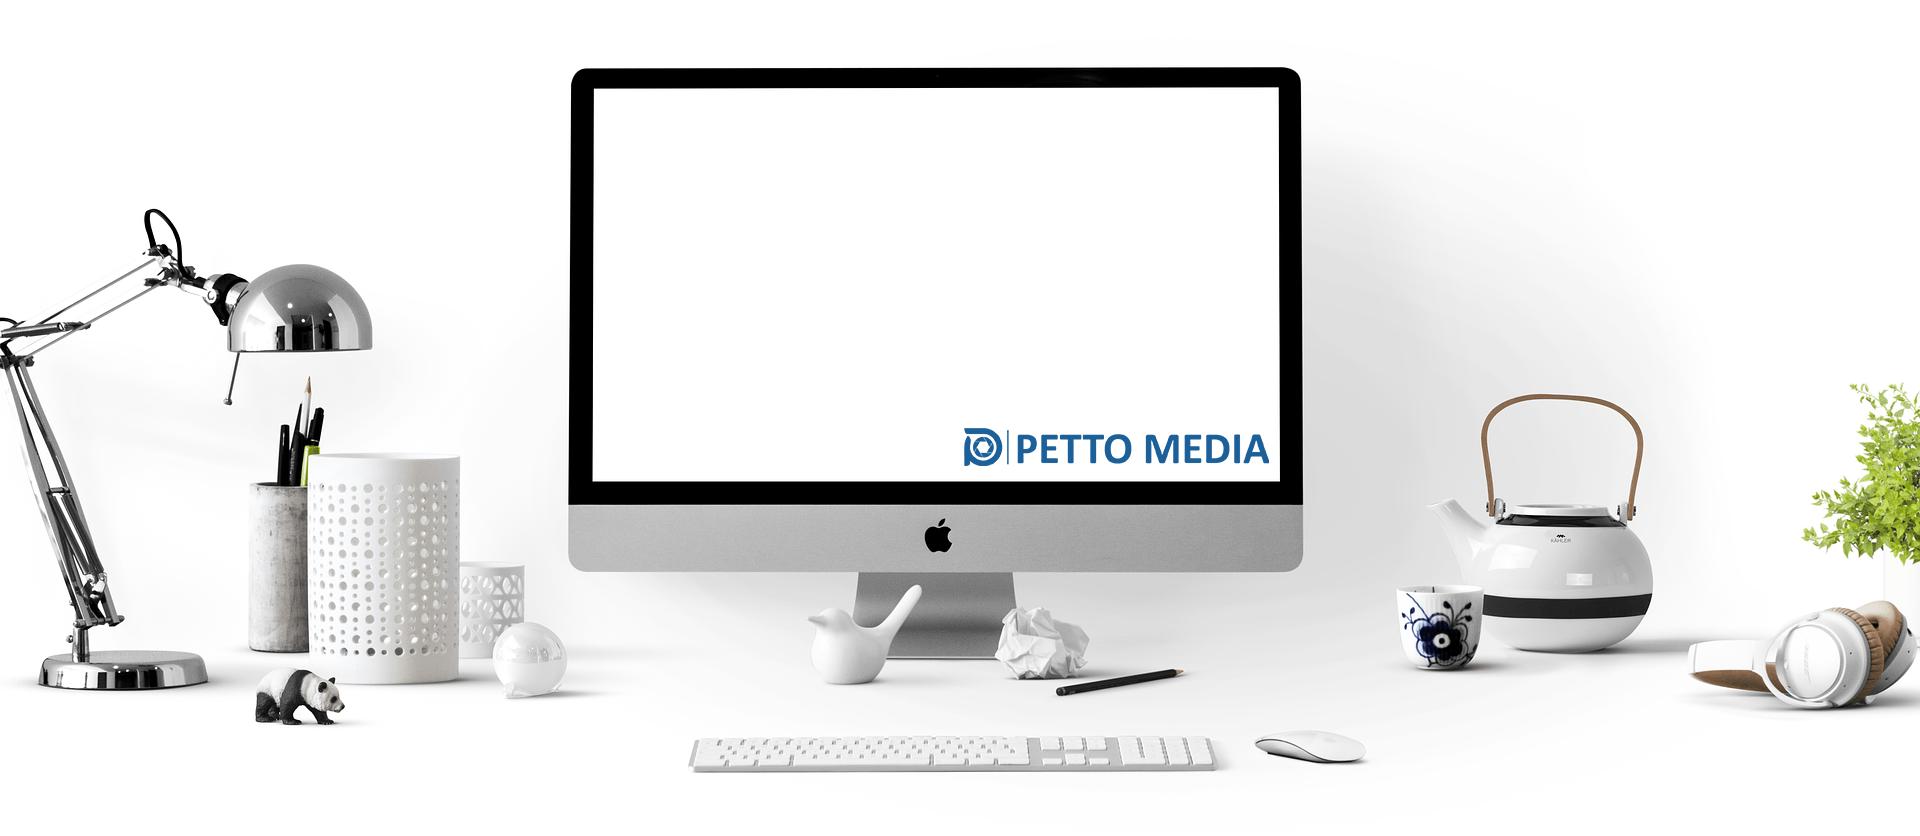 pettomediacover